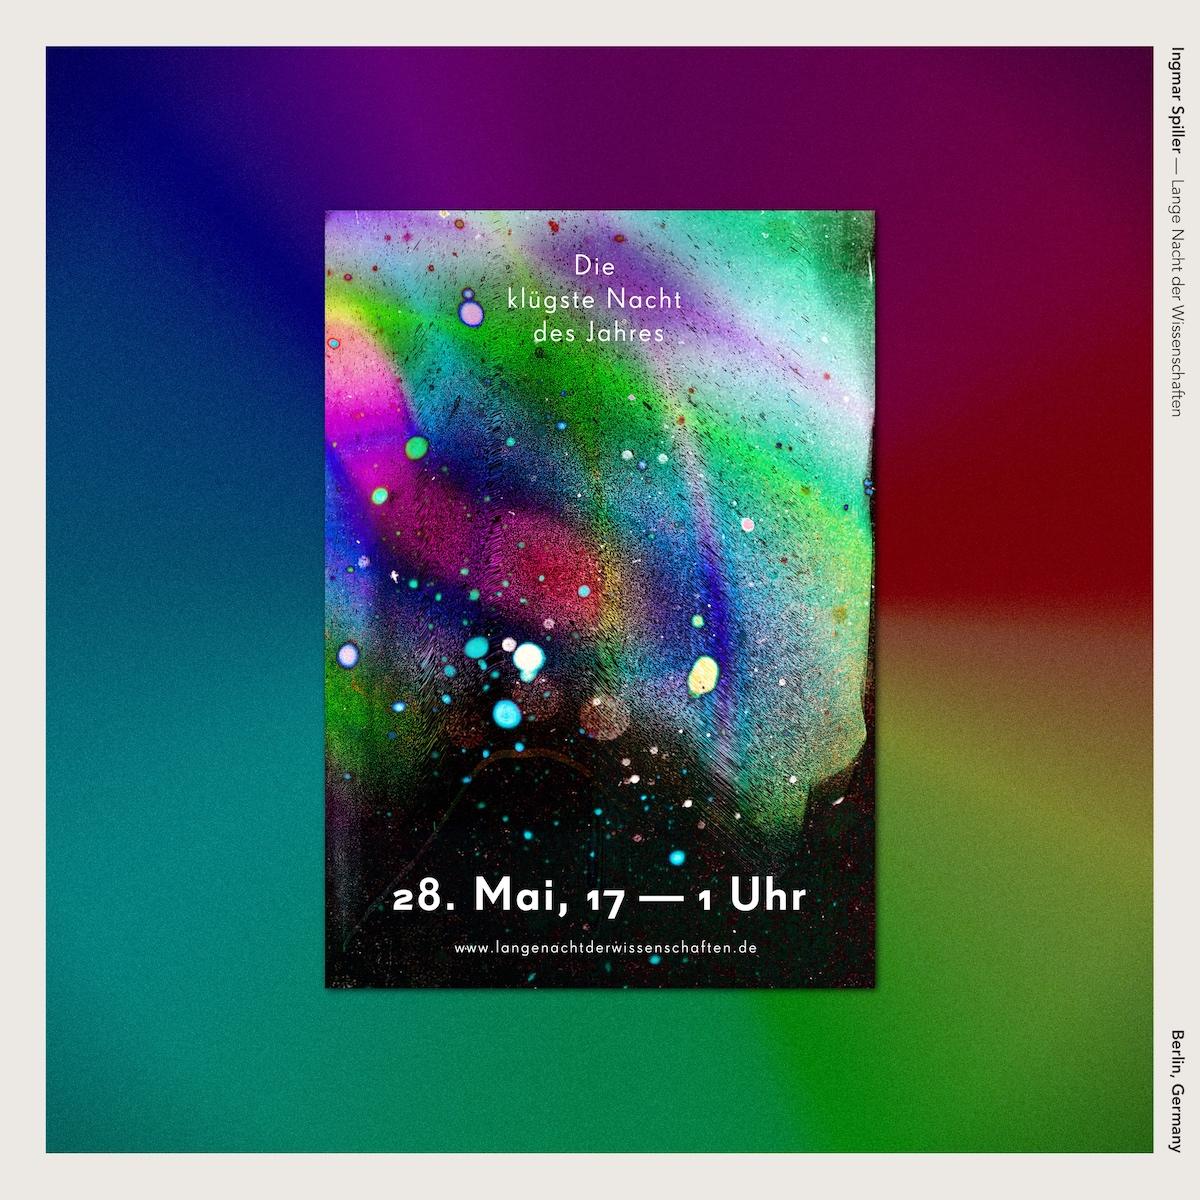 Ingmar Spiller —Lange Nacht der Wissenschaften